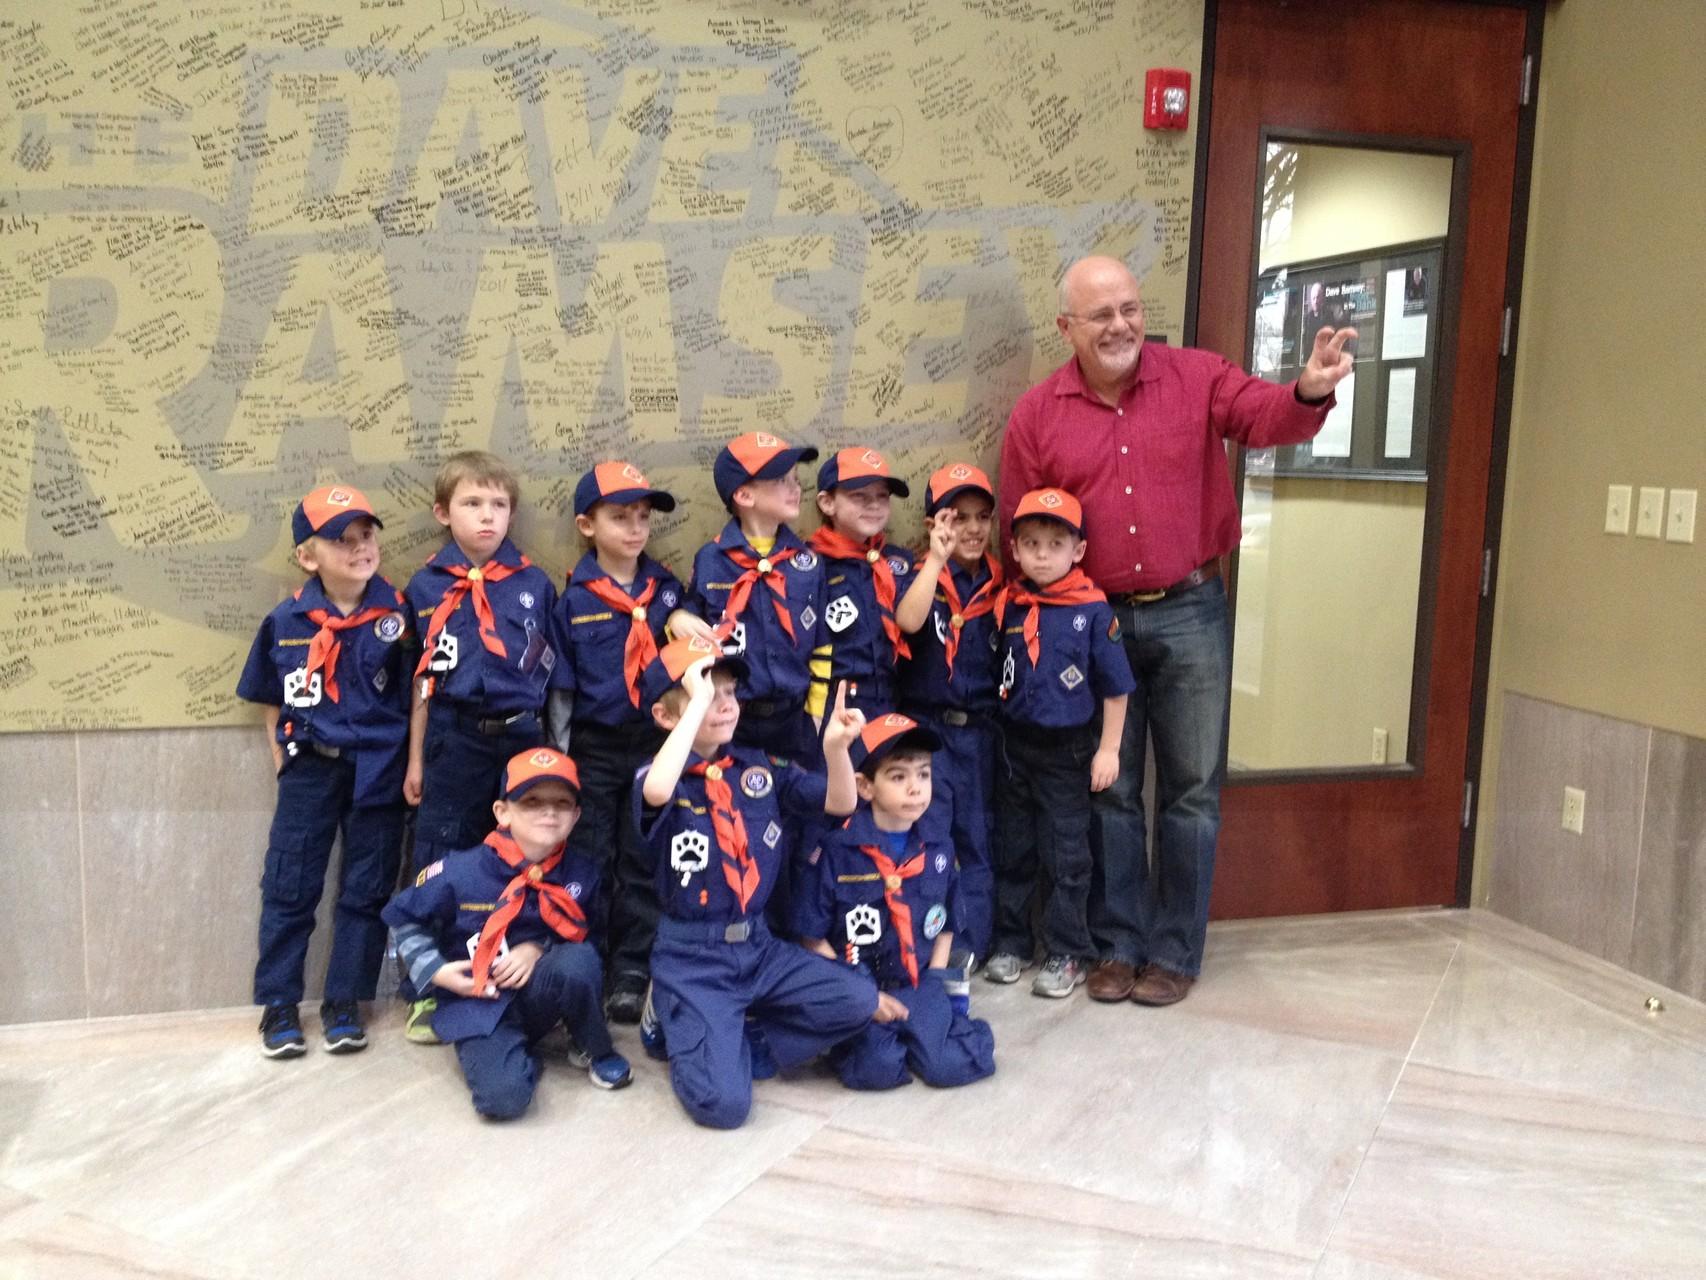 Boy Scouts bei der 'Dave Ramsey Show'